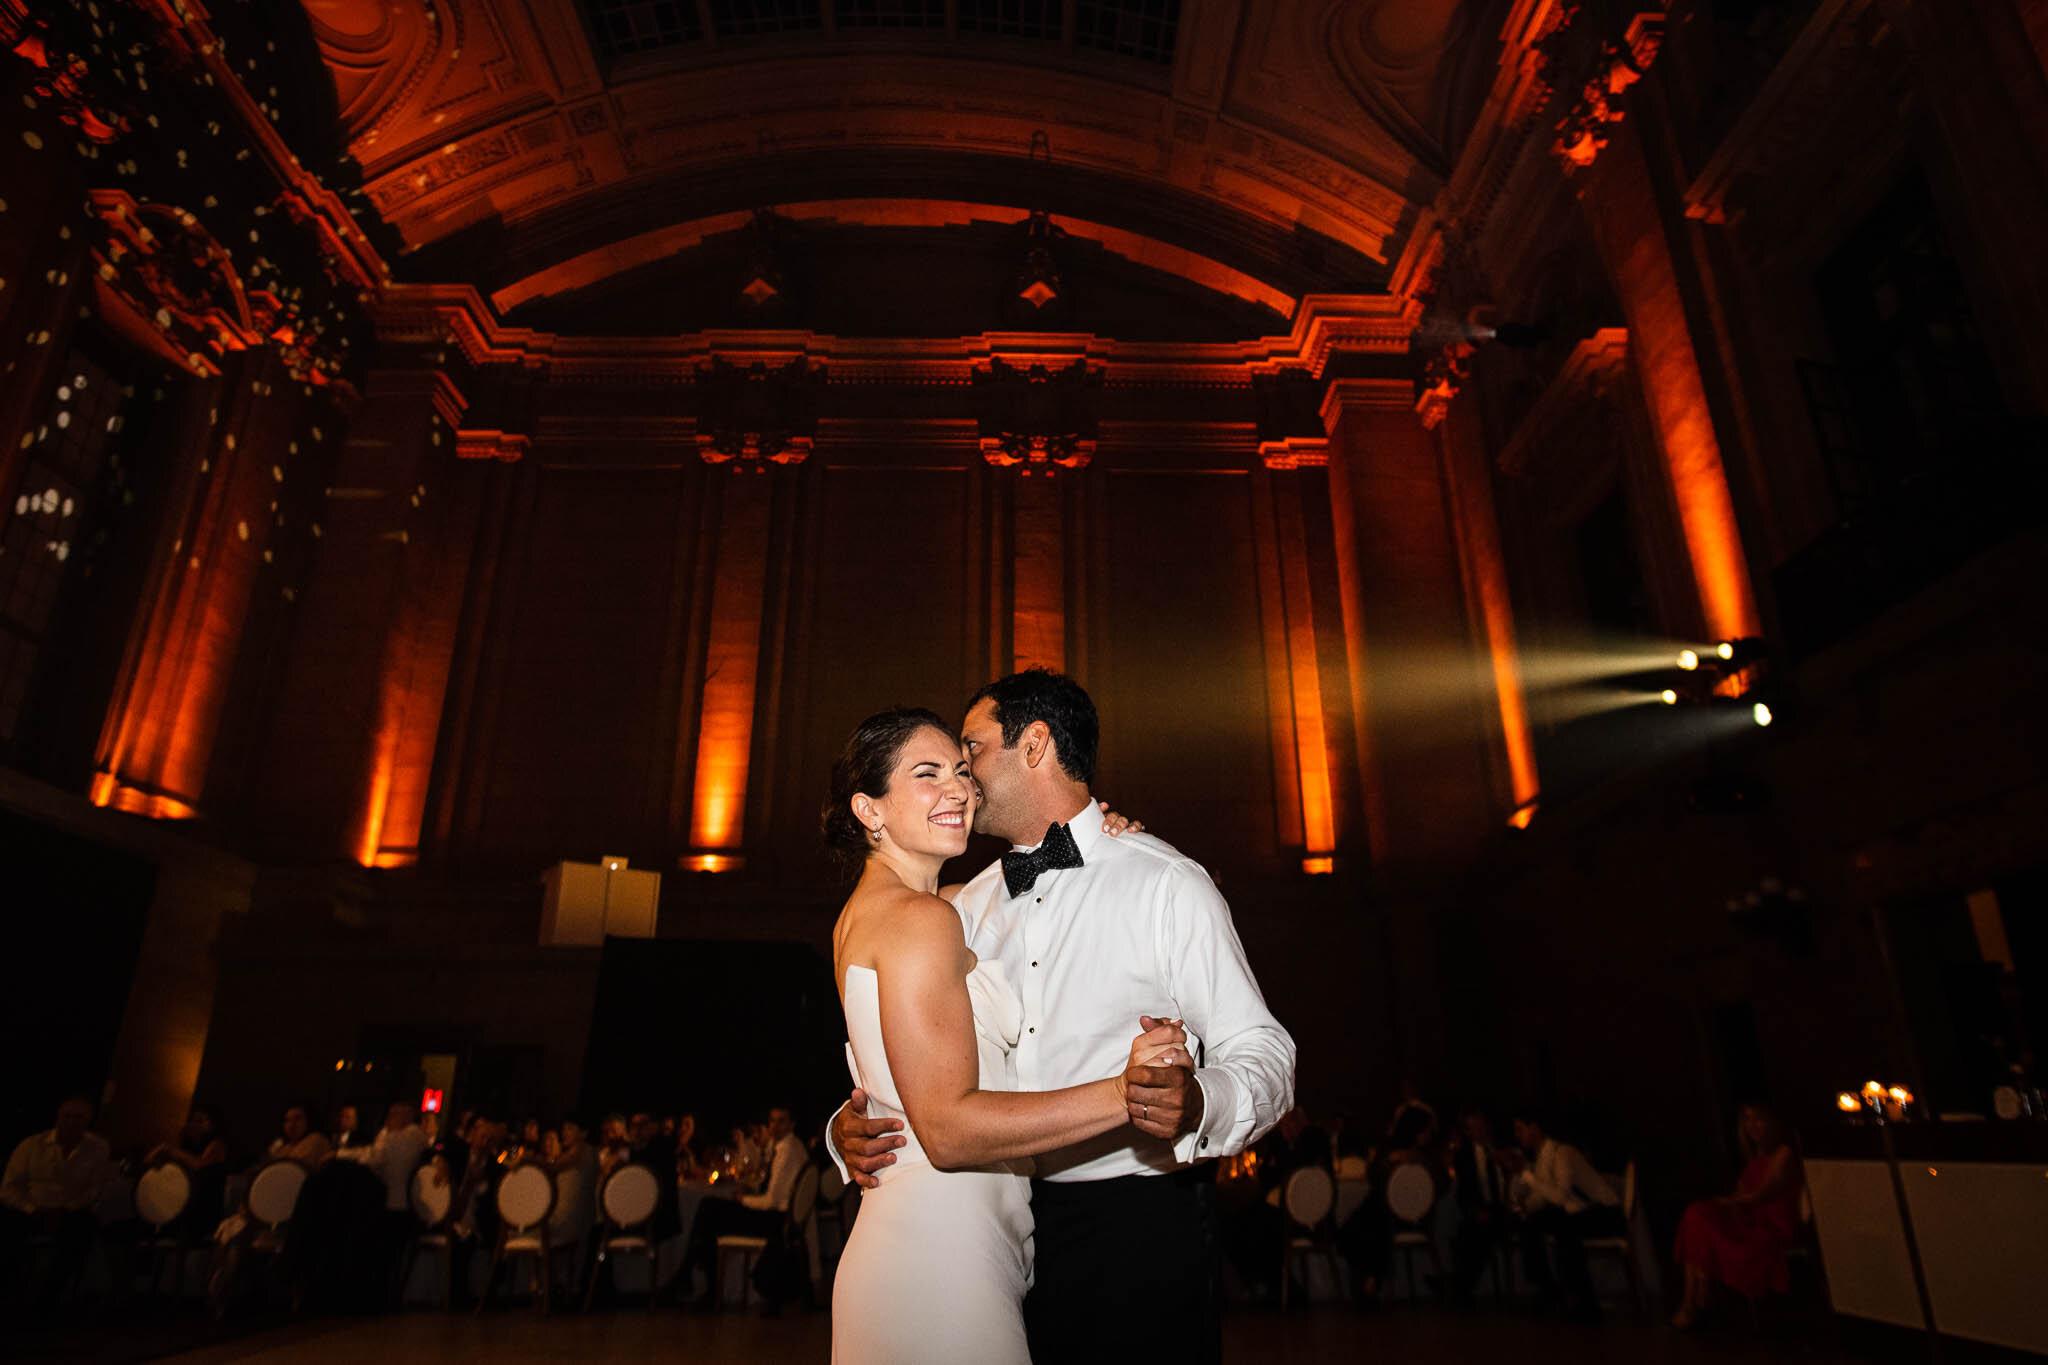 Montreal Wedding Photographer AshleyMacPhee (42 of 49).jpg